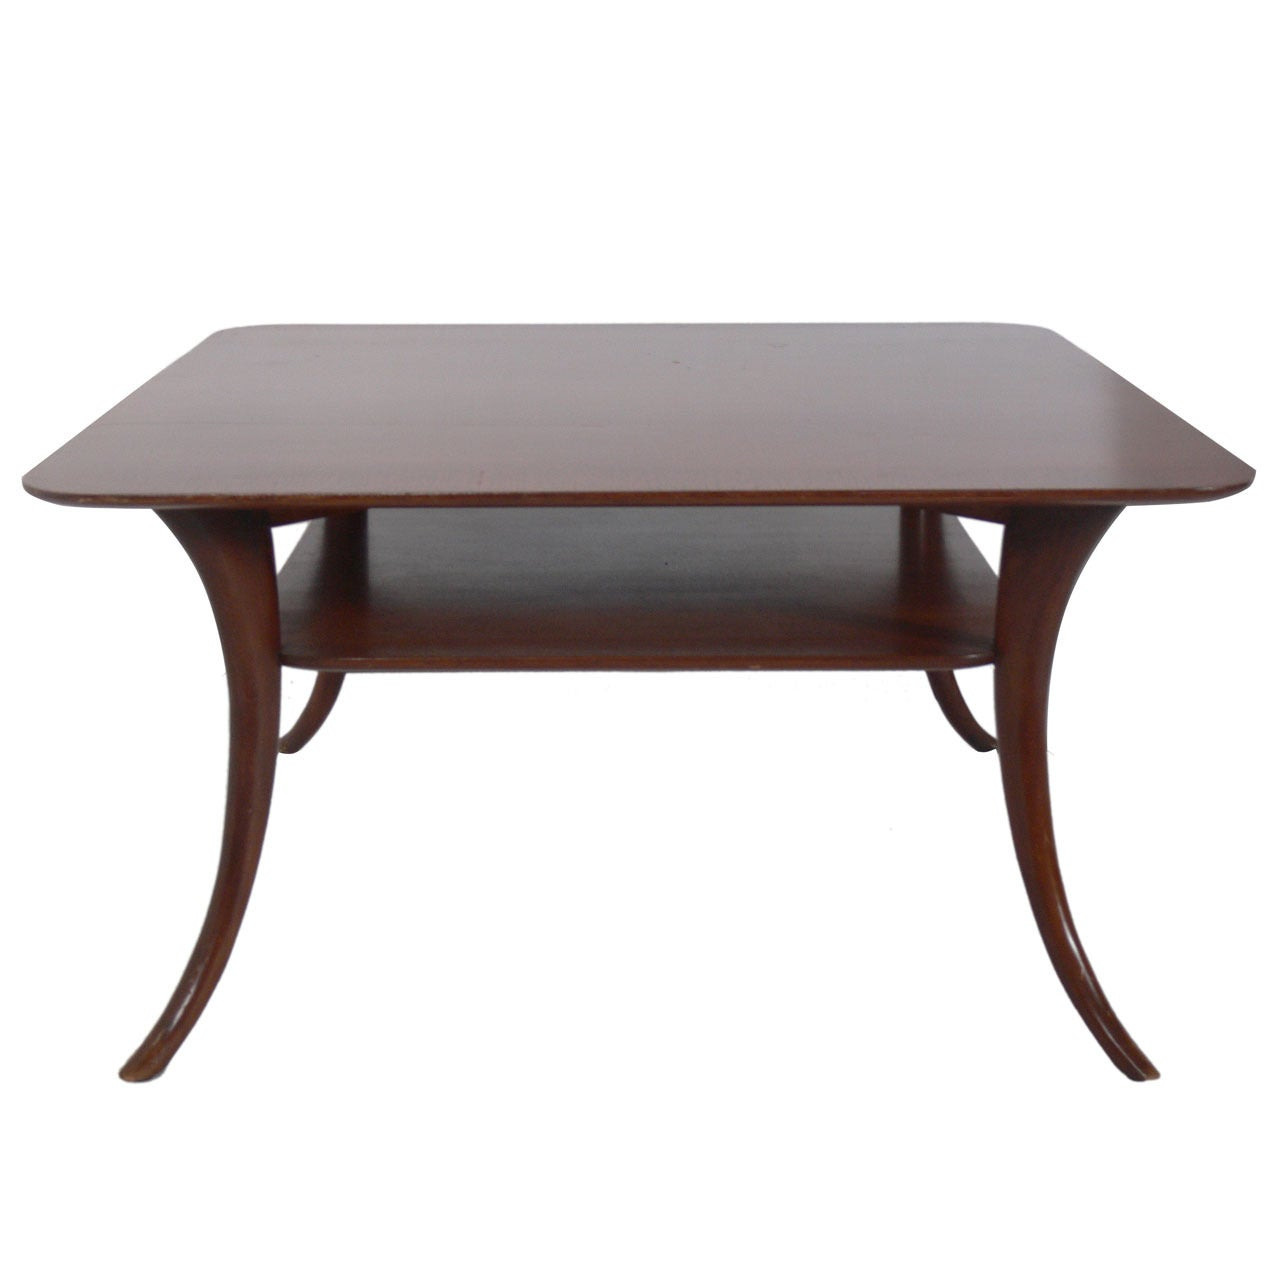 Elegant Coffee Table Designed by T.H. Robsjohn Gibbings